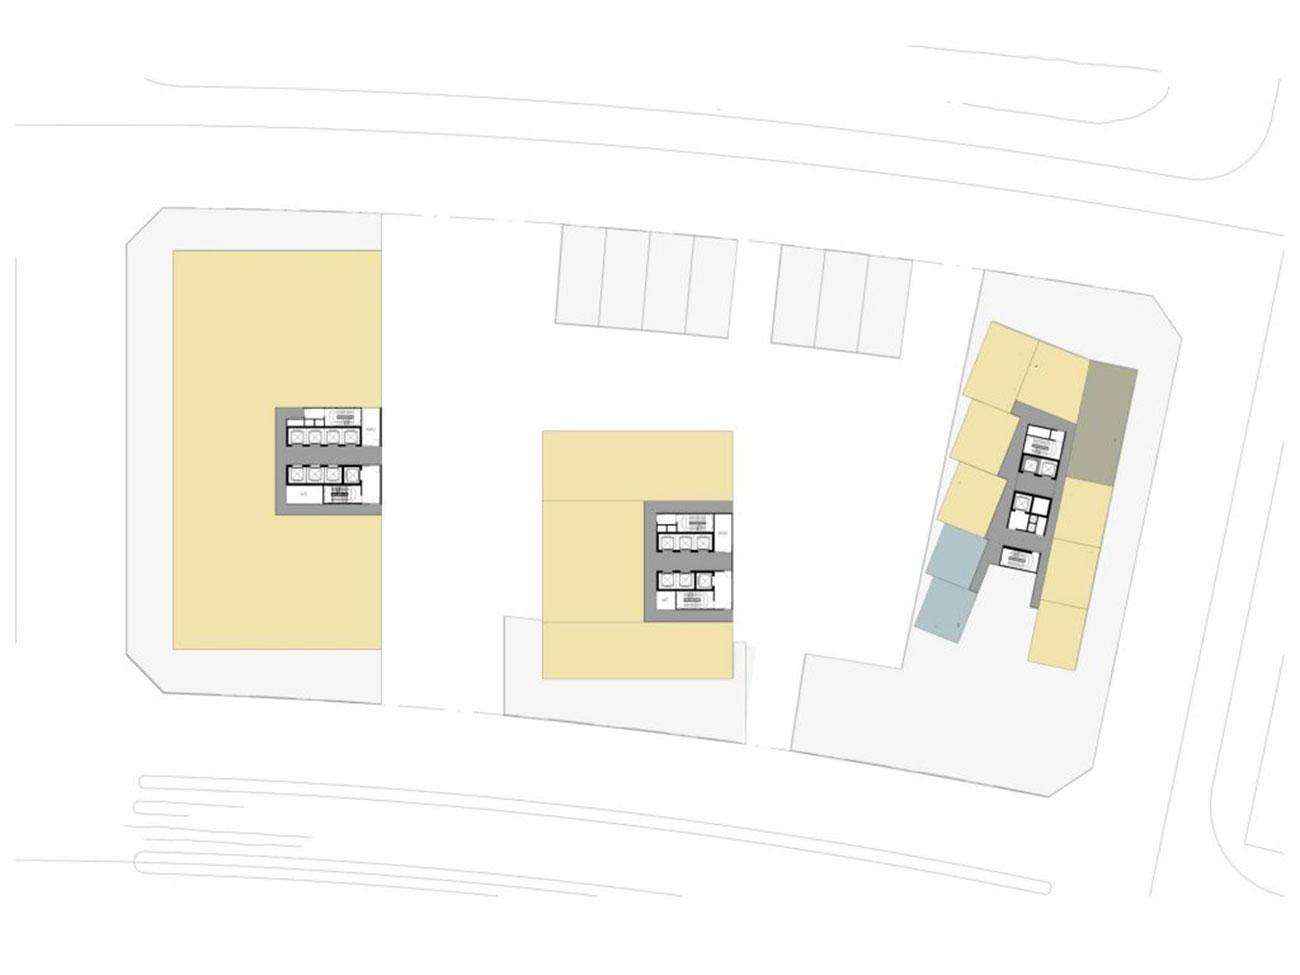 Mặt bằng chi tiết dự án căn hộ Metropole Thủ Thiêm